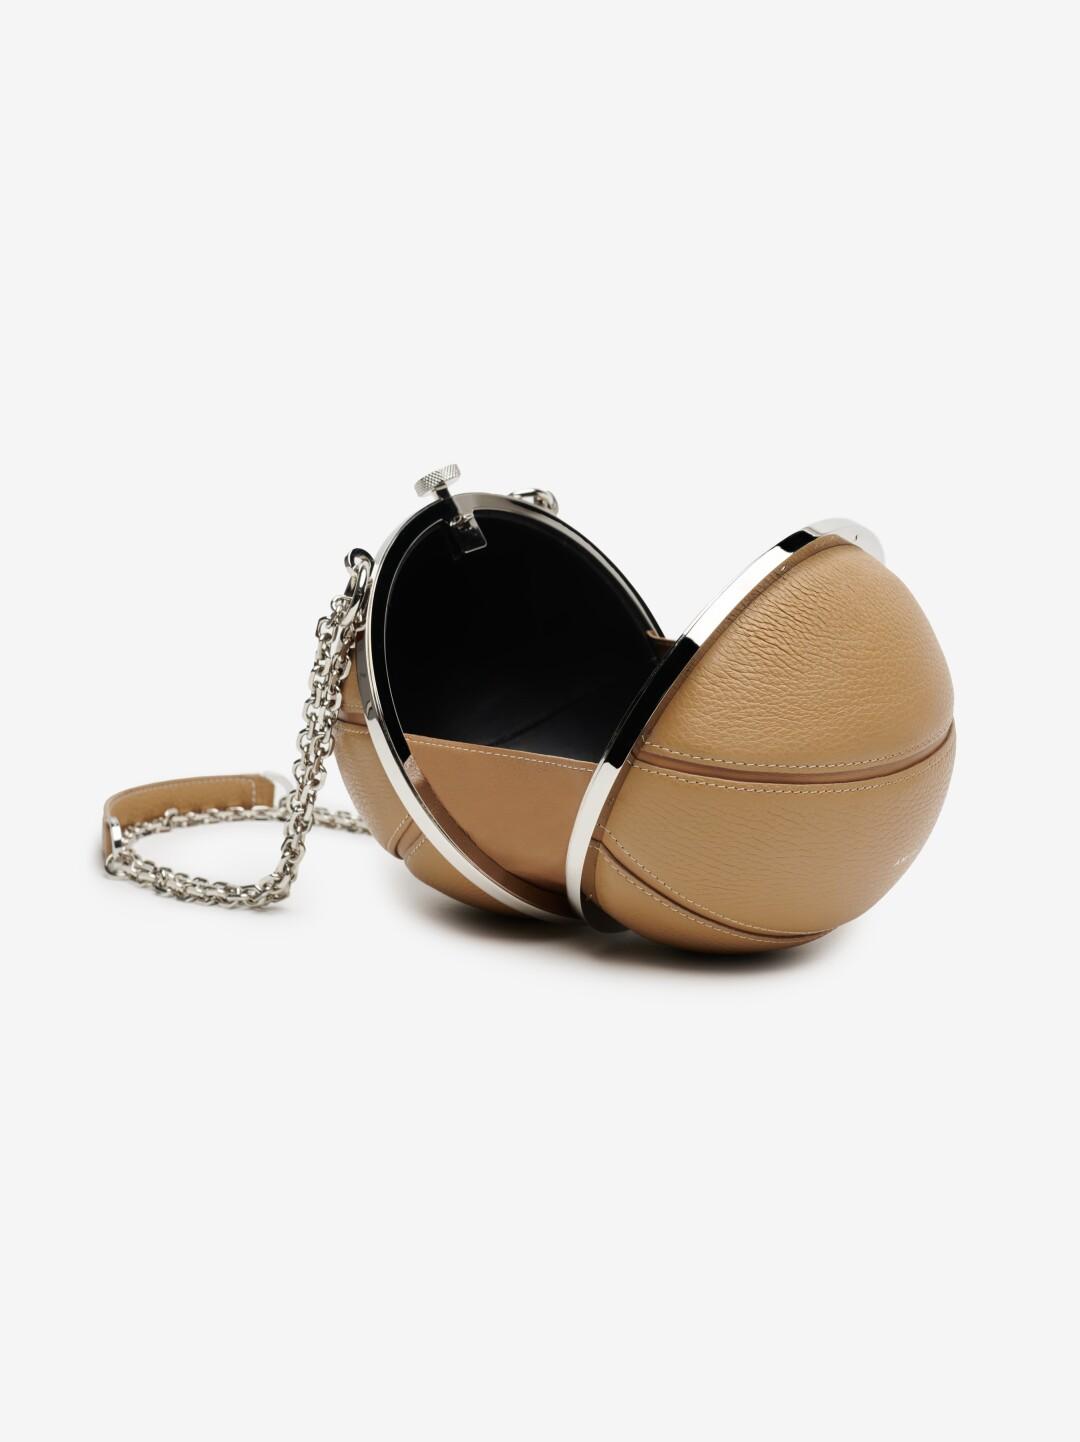 Amiri's nappa leather basketball bag